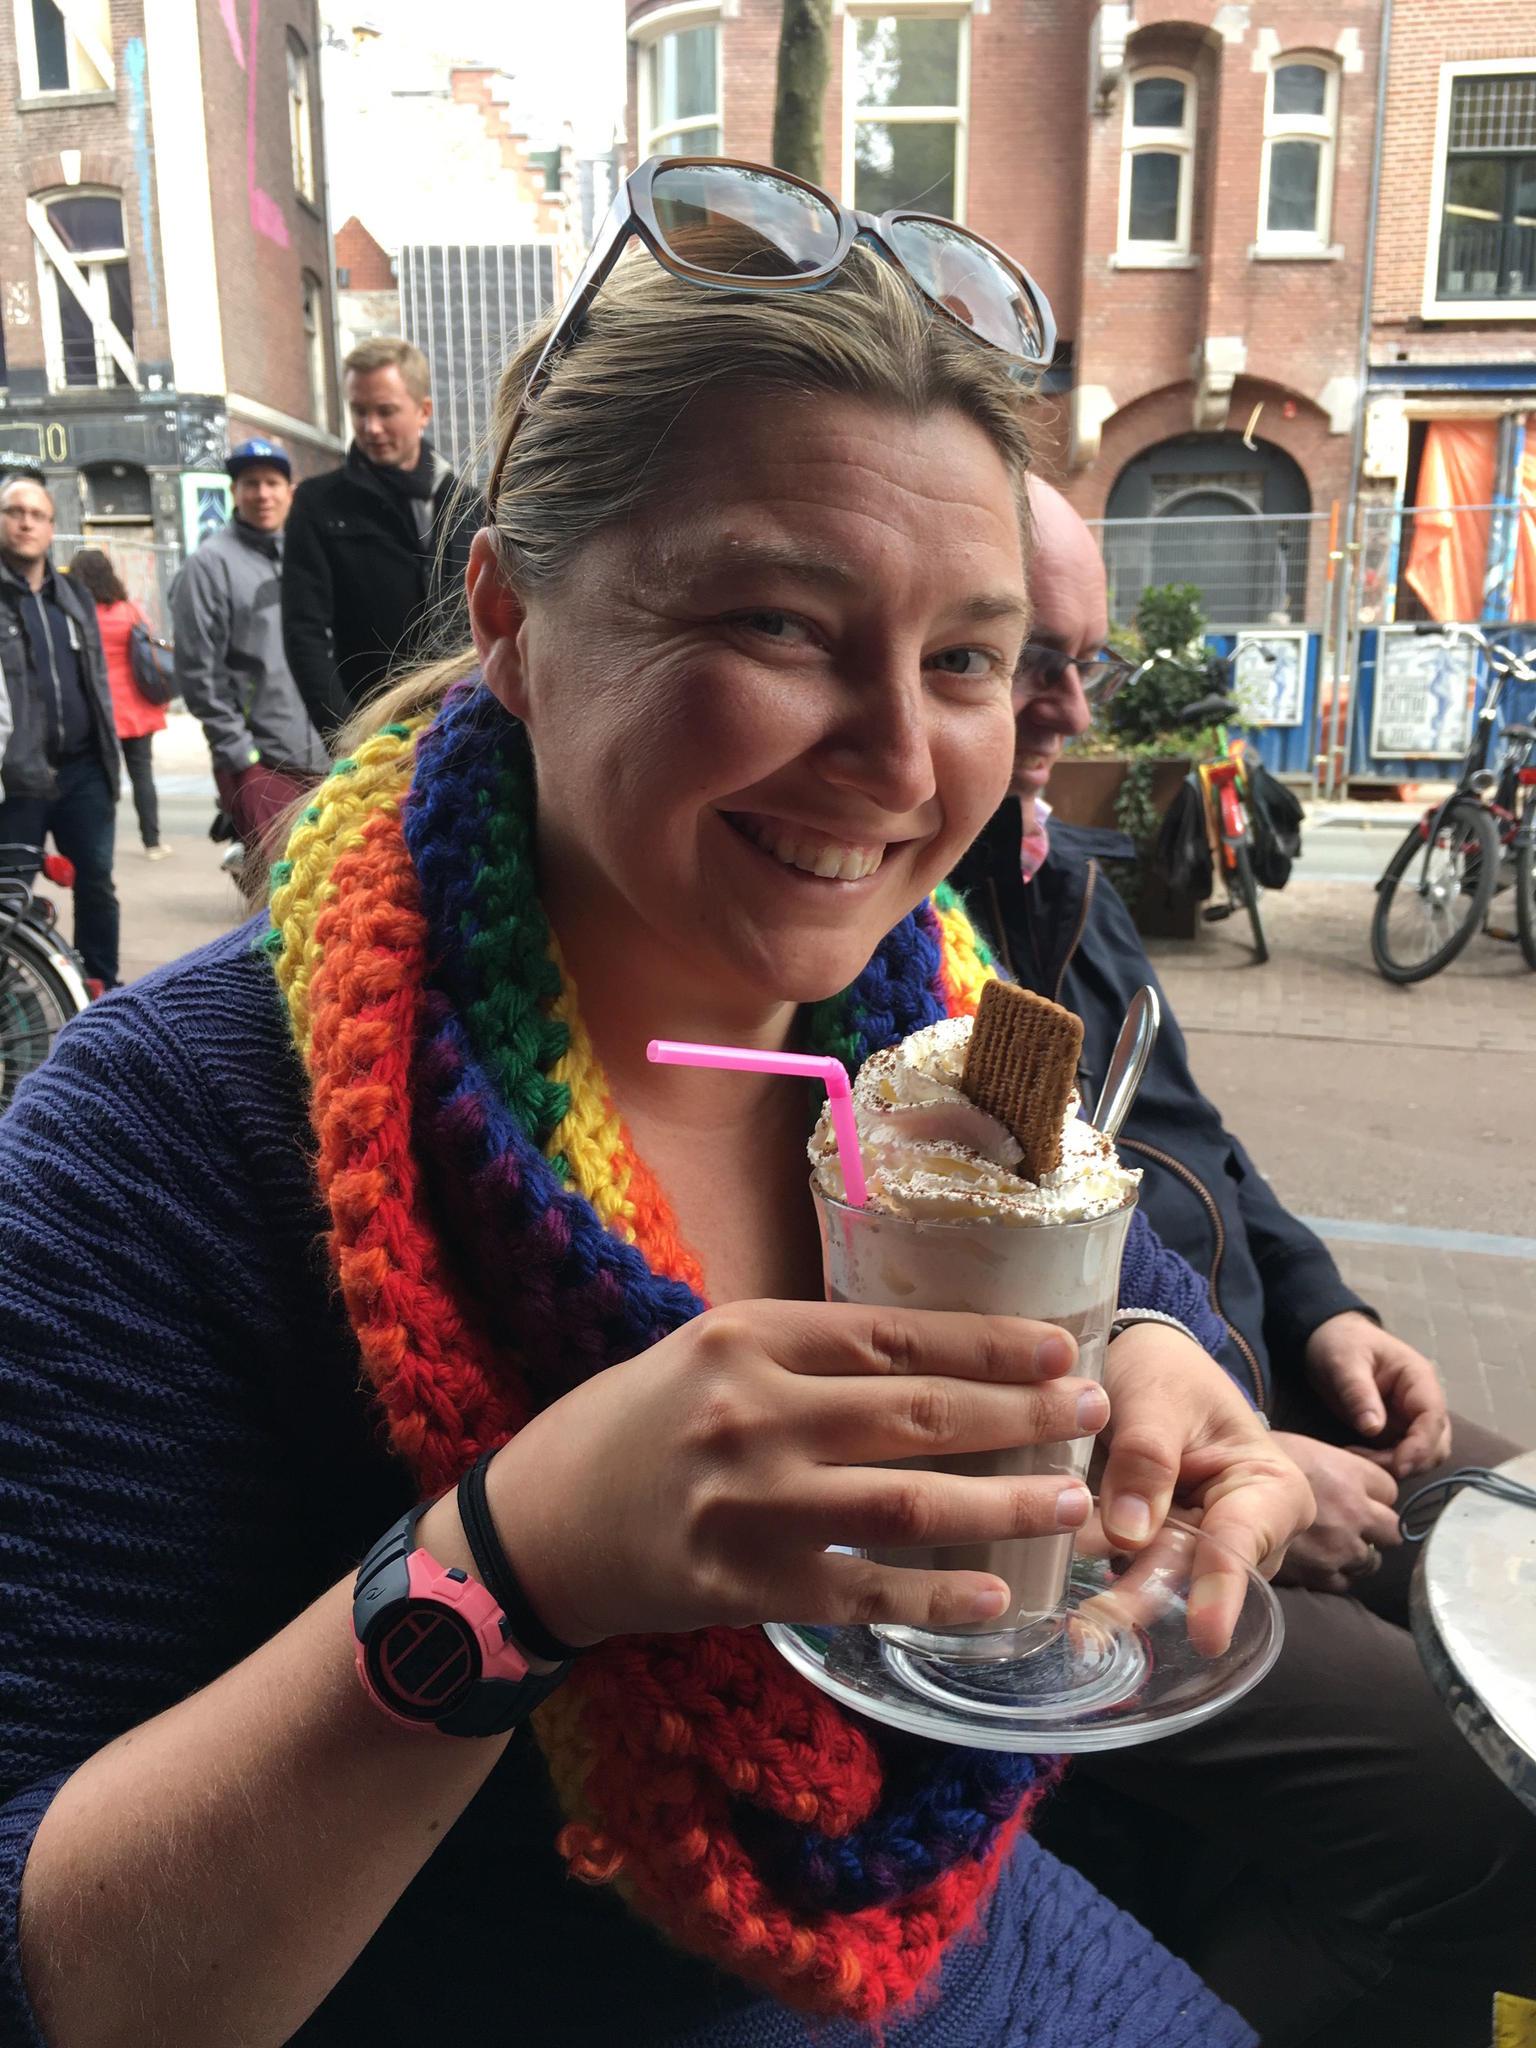 MÁS FOTOS, Recorrido a pie en Ámsterdam: cultura de los Coffee Shops y degustación de comida local